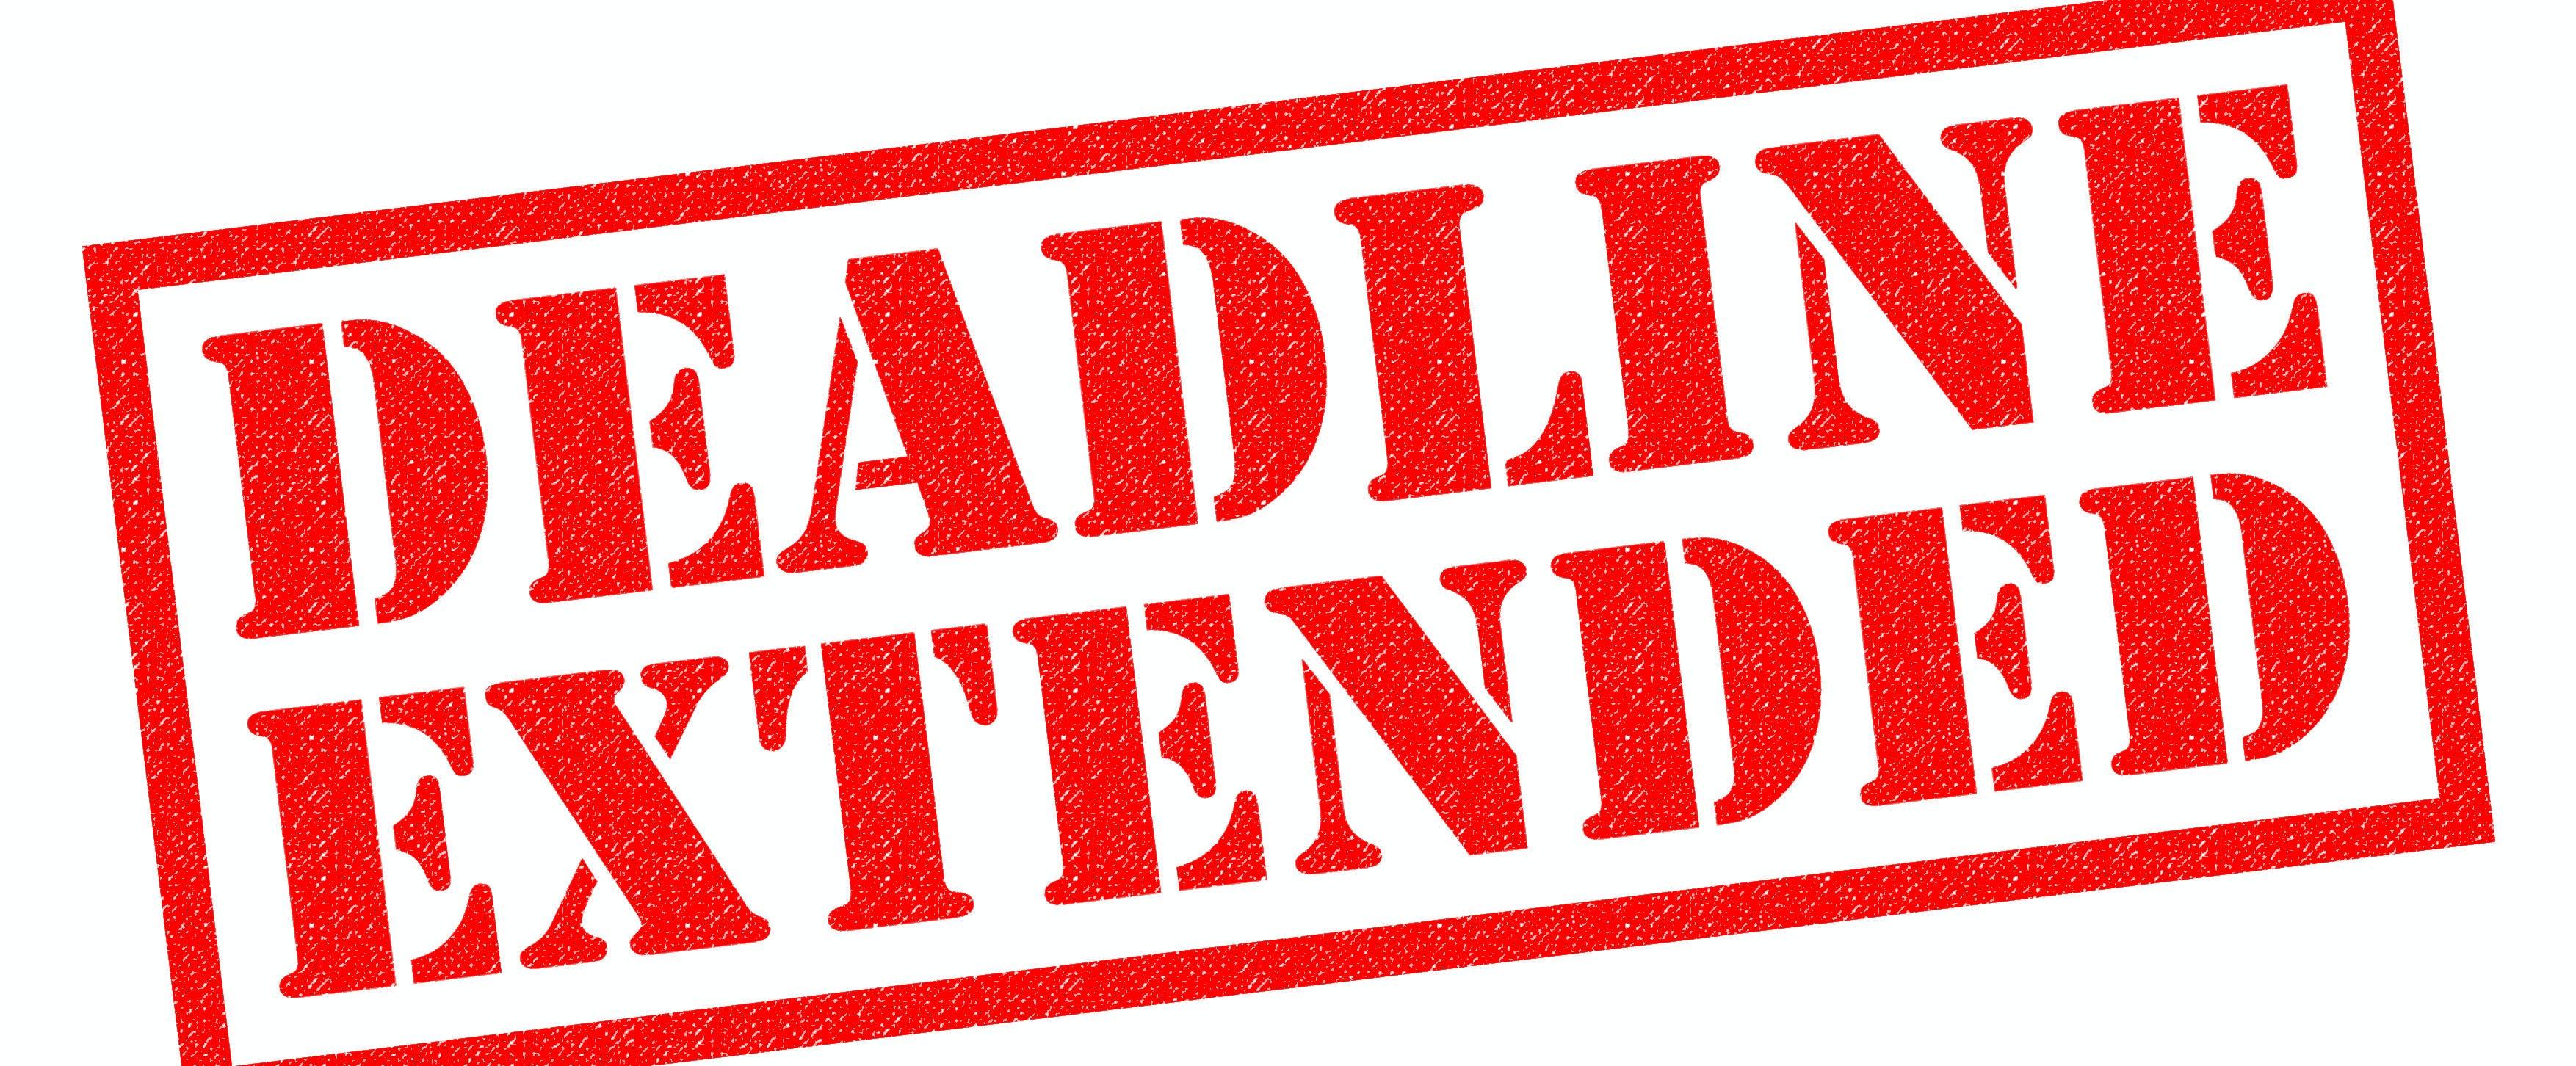 ACA-Deadline-Extended-blog-photo.jpg